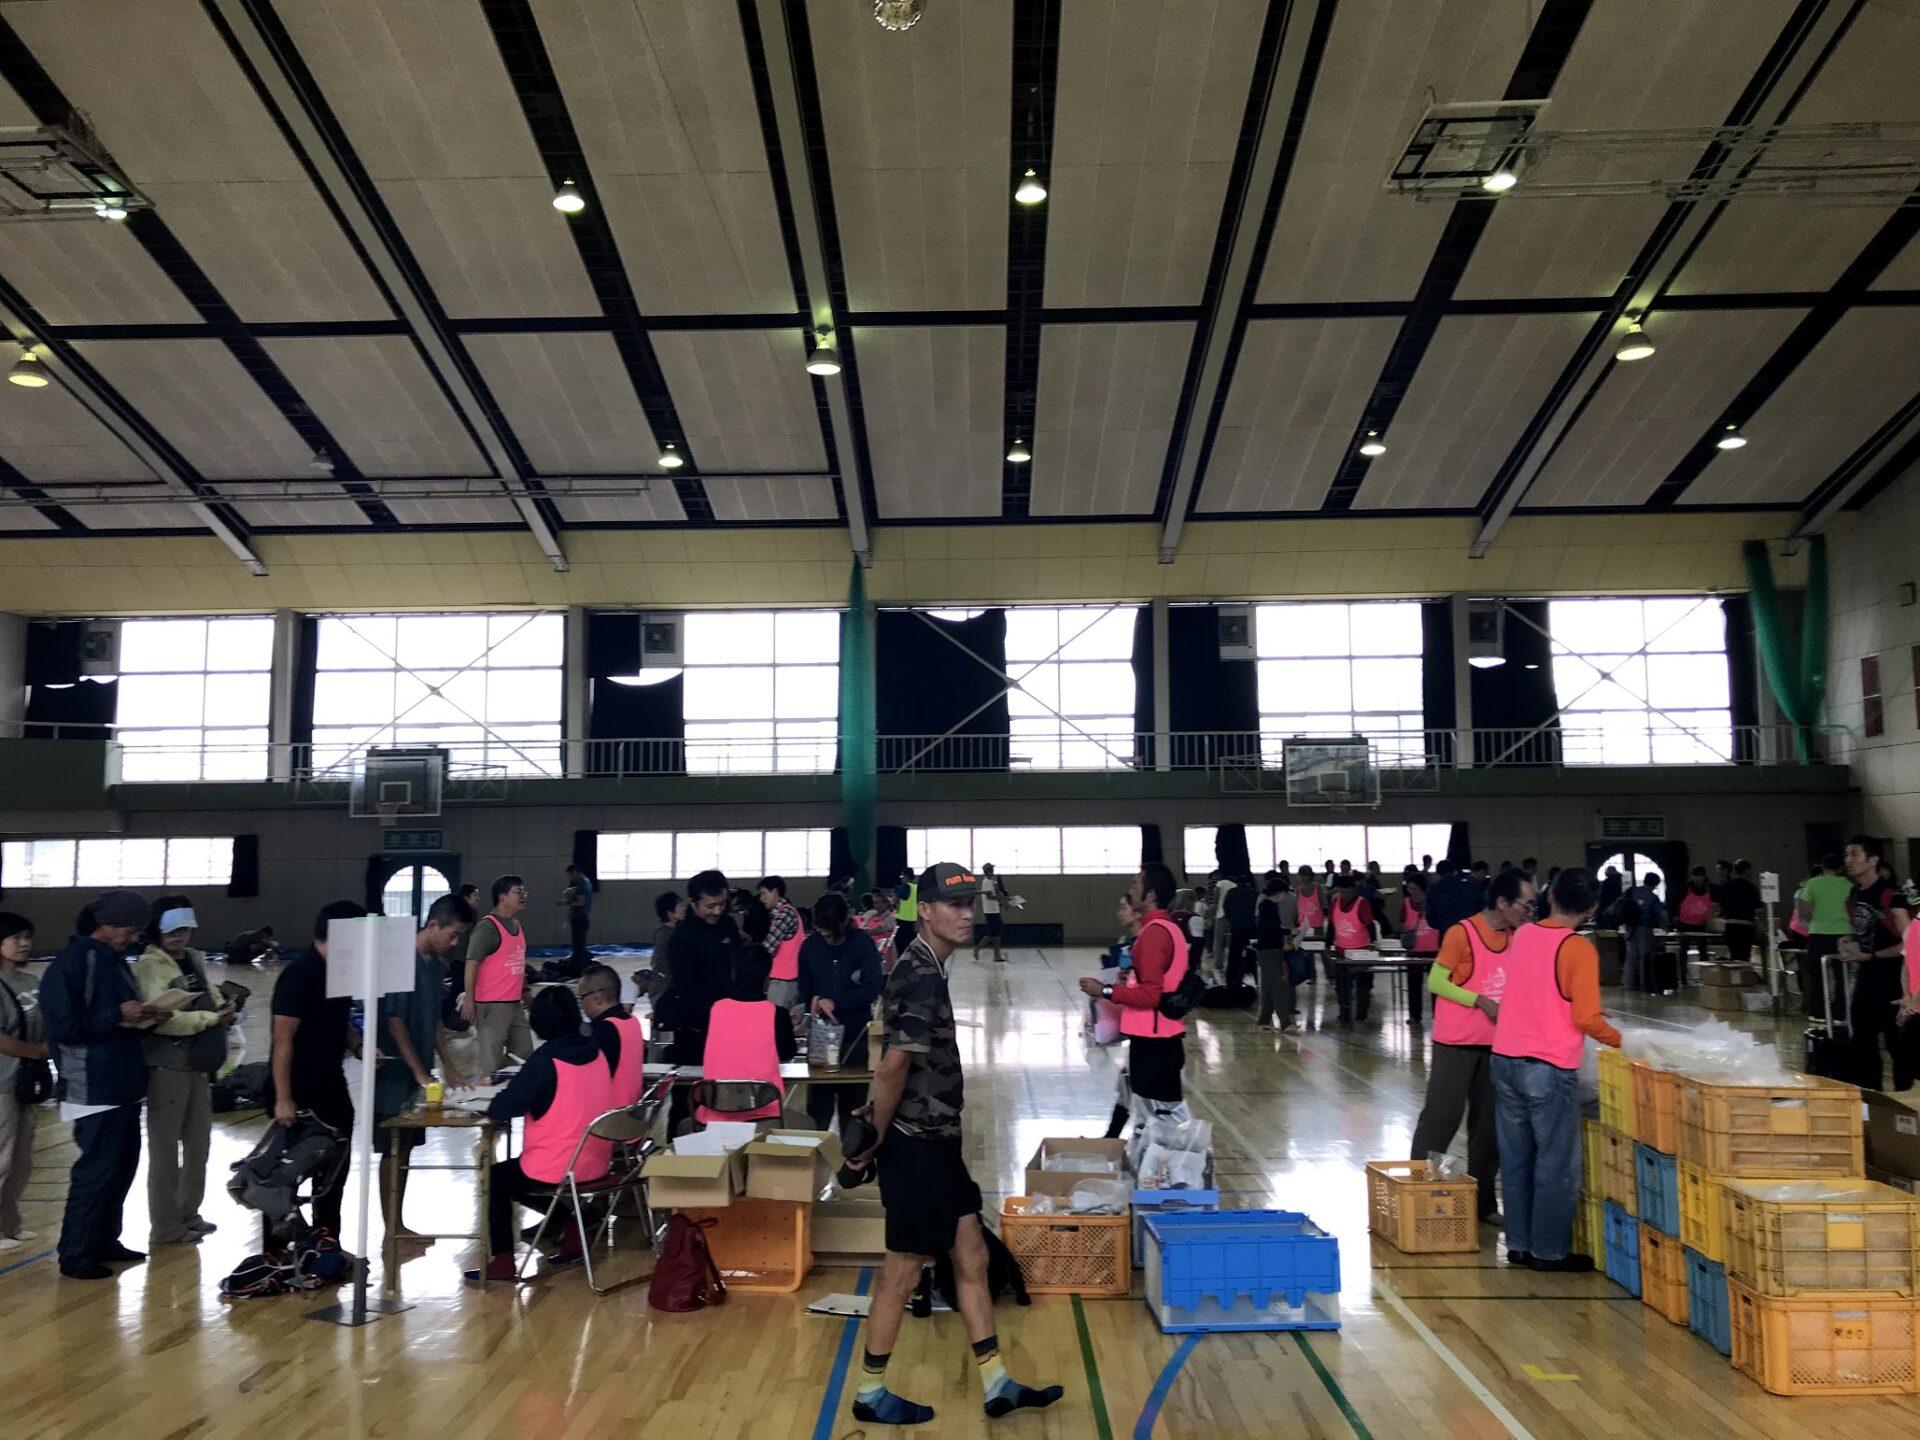 上州武尊山スカイビュートレイルの受付会場-体育館の中